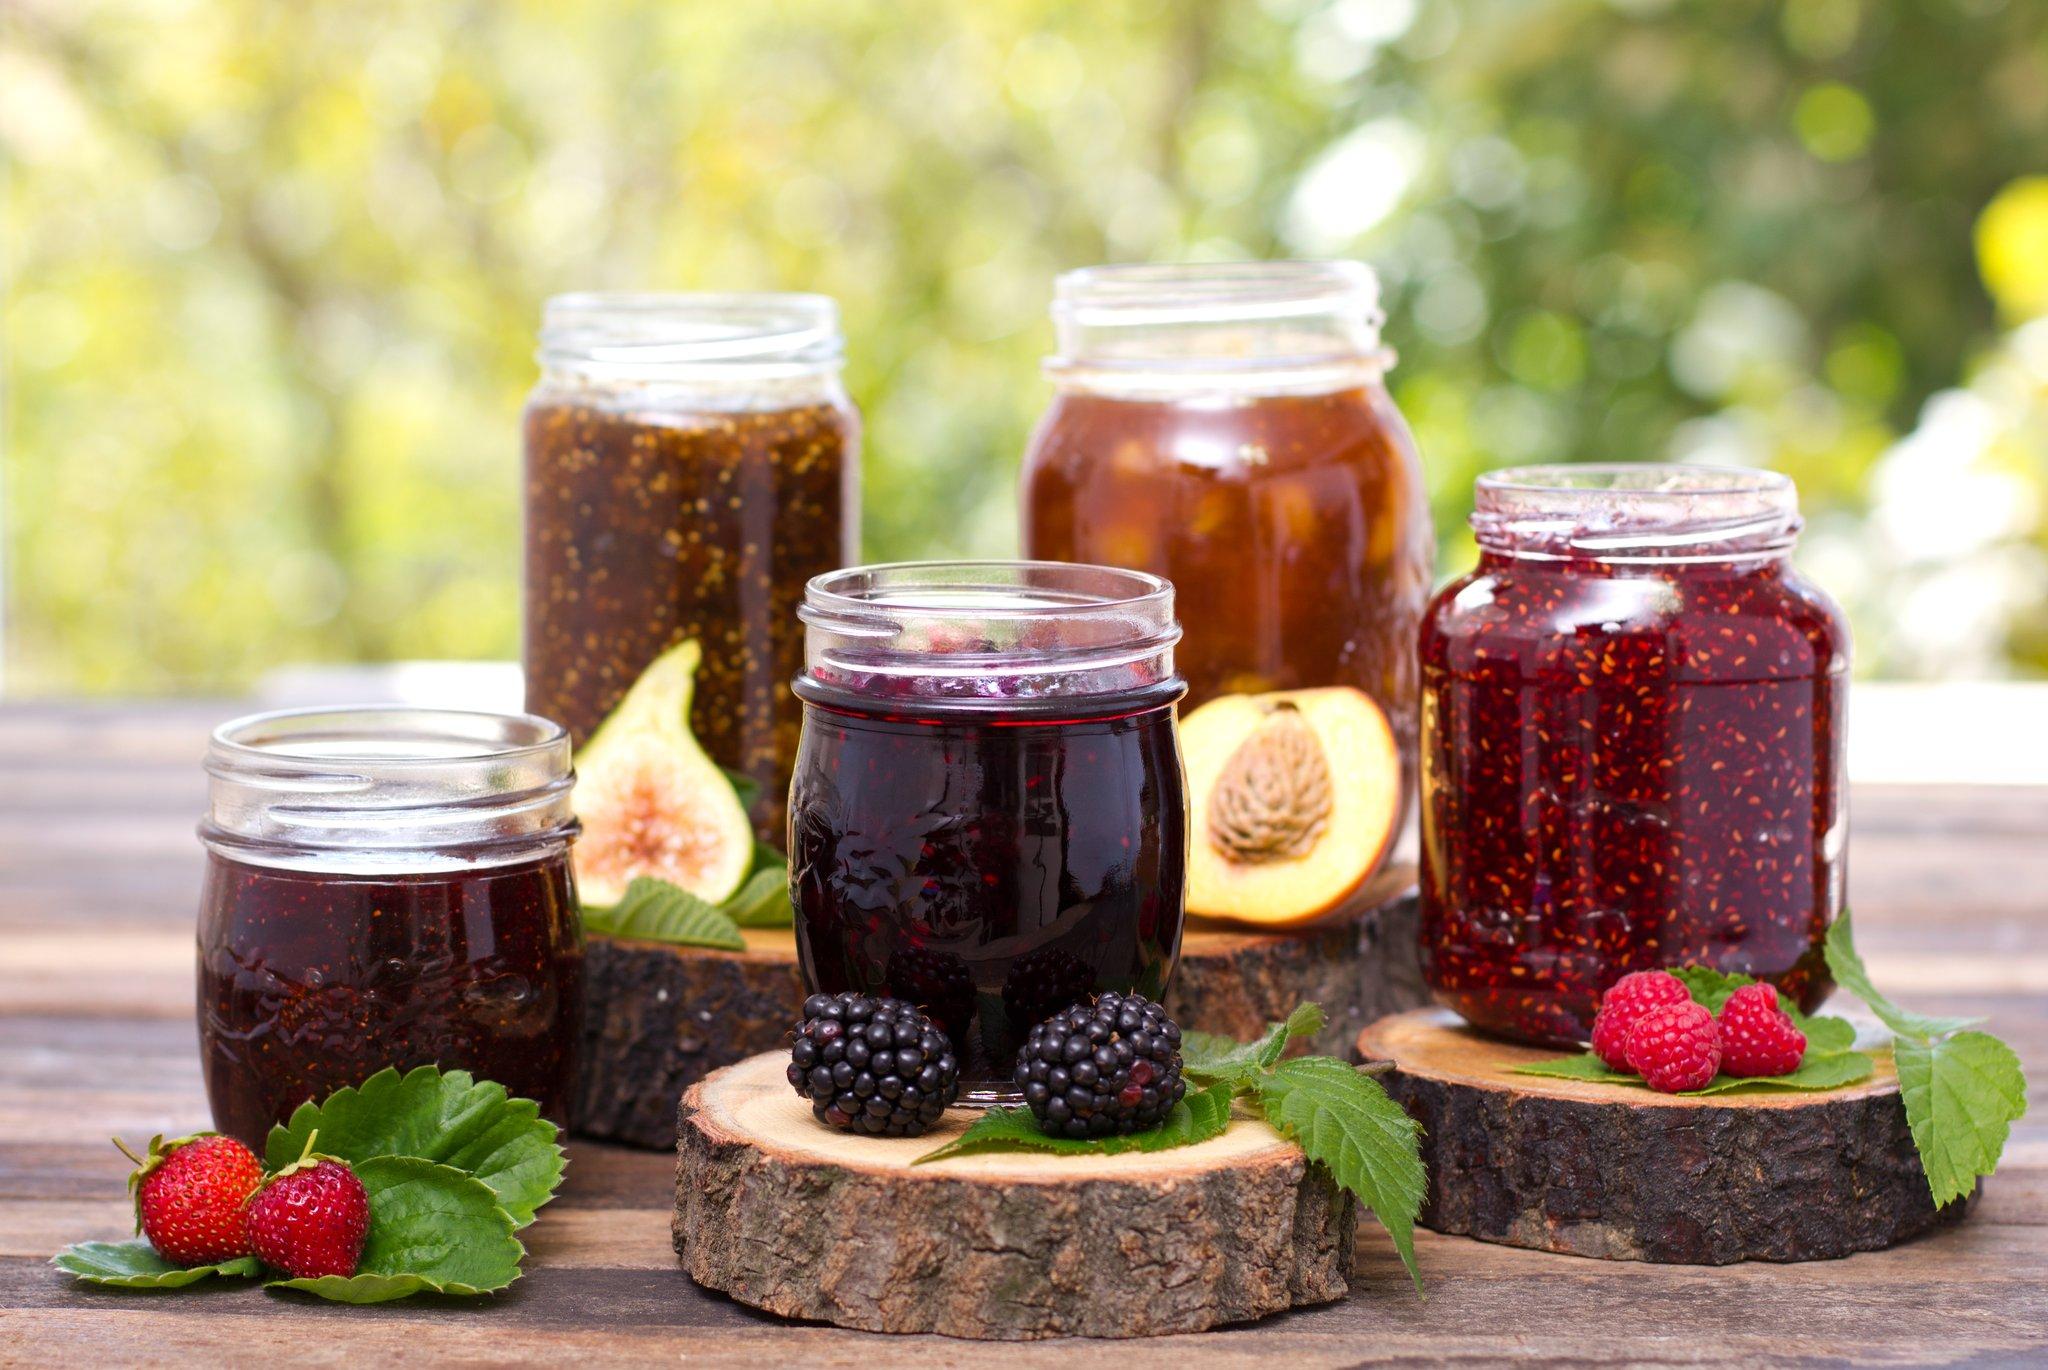 Homemade Jam Recipes   POPSUGAR Food